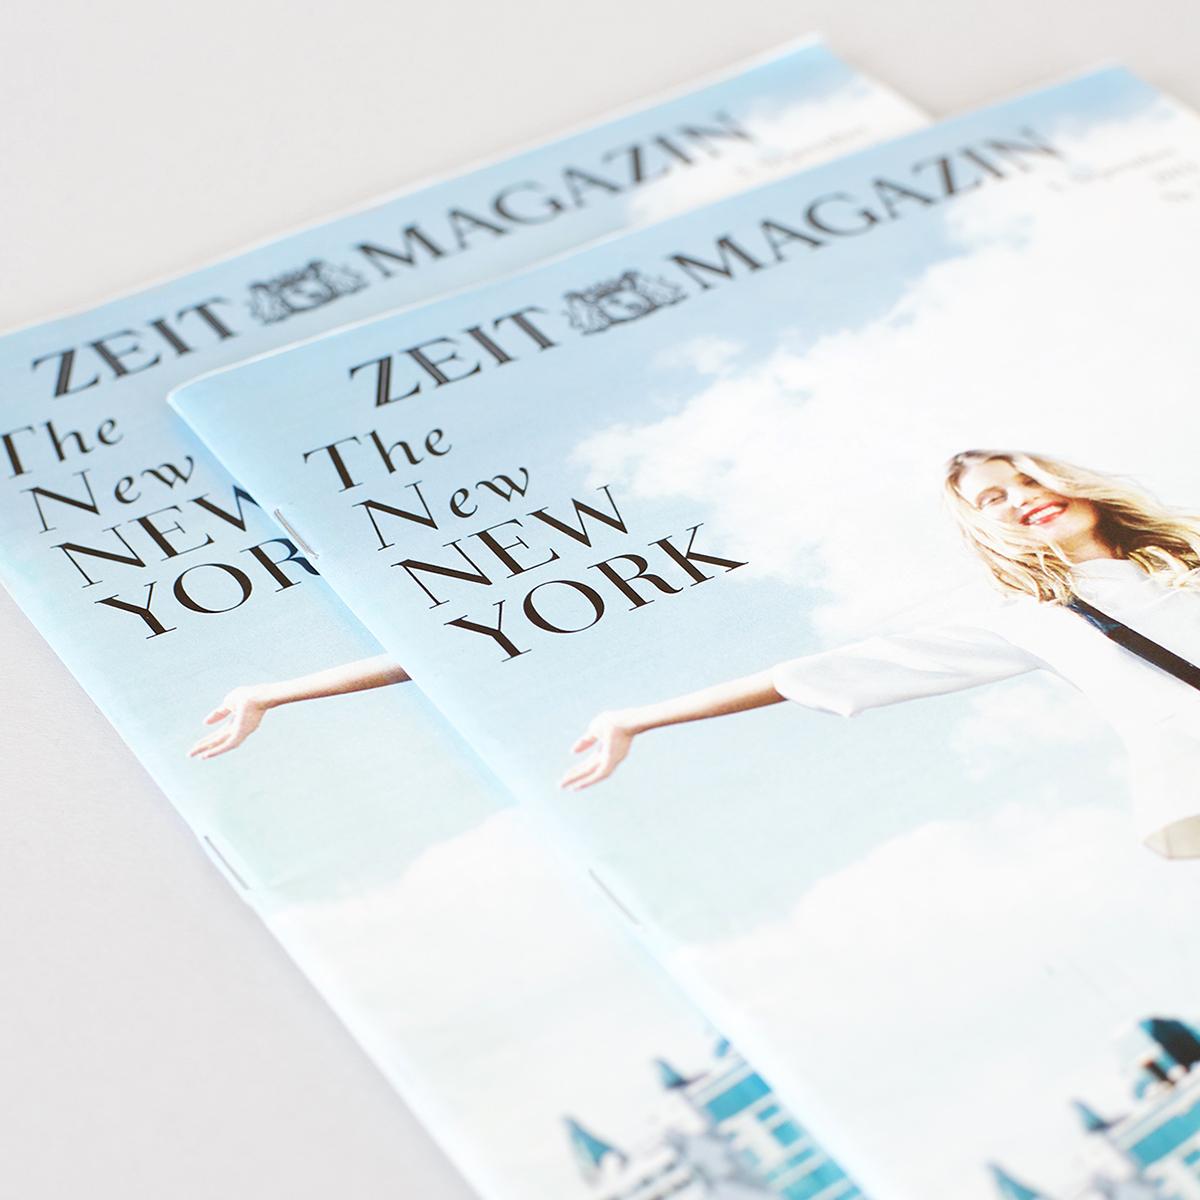 """""""Der beste Tipp für New York?""""""""Geben Sie Trinkgeld, als wären Sie Sinatra."""" - DOSSIERSchriftstellerin Leanne Shapton und zehn New Yorker über ihre Stadt,erschienen im ZEITmagazin"""